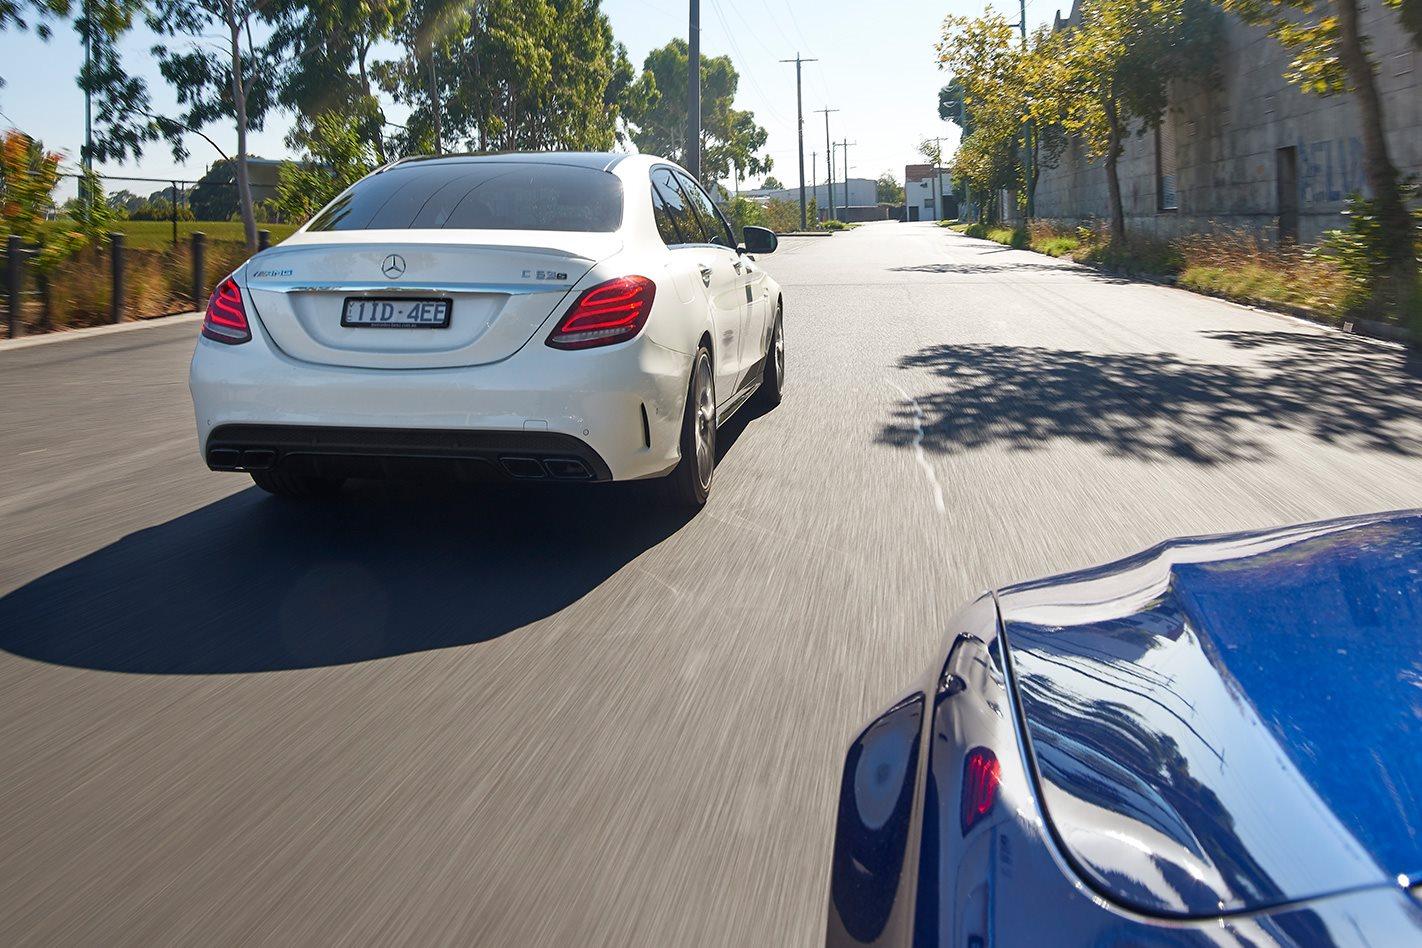 Mercedes AMG C63 rear